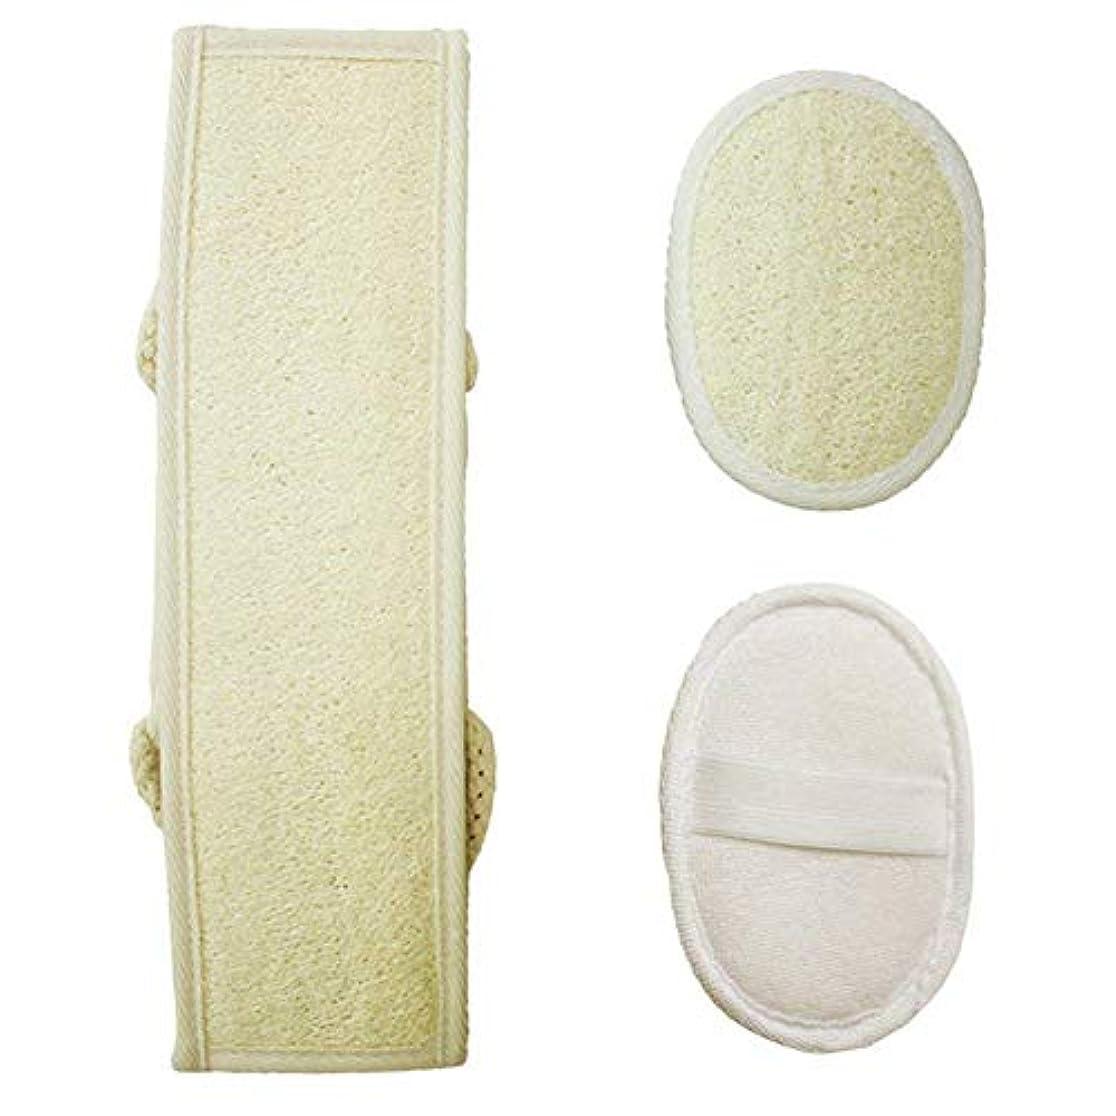 スリットカエル有利Xigeapg ヘチマ角質剥離スクラバー シャワー、両面スクラブストラップ、100%天然ヘチマ入り ボディバススポンジ、バックウォッシャー 男性と女性用(3個/セット)